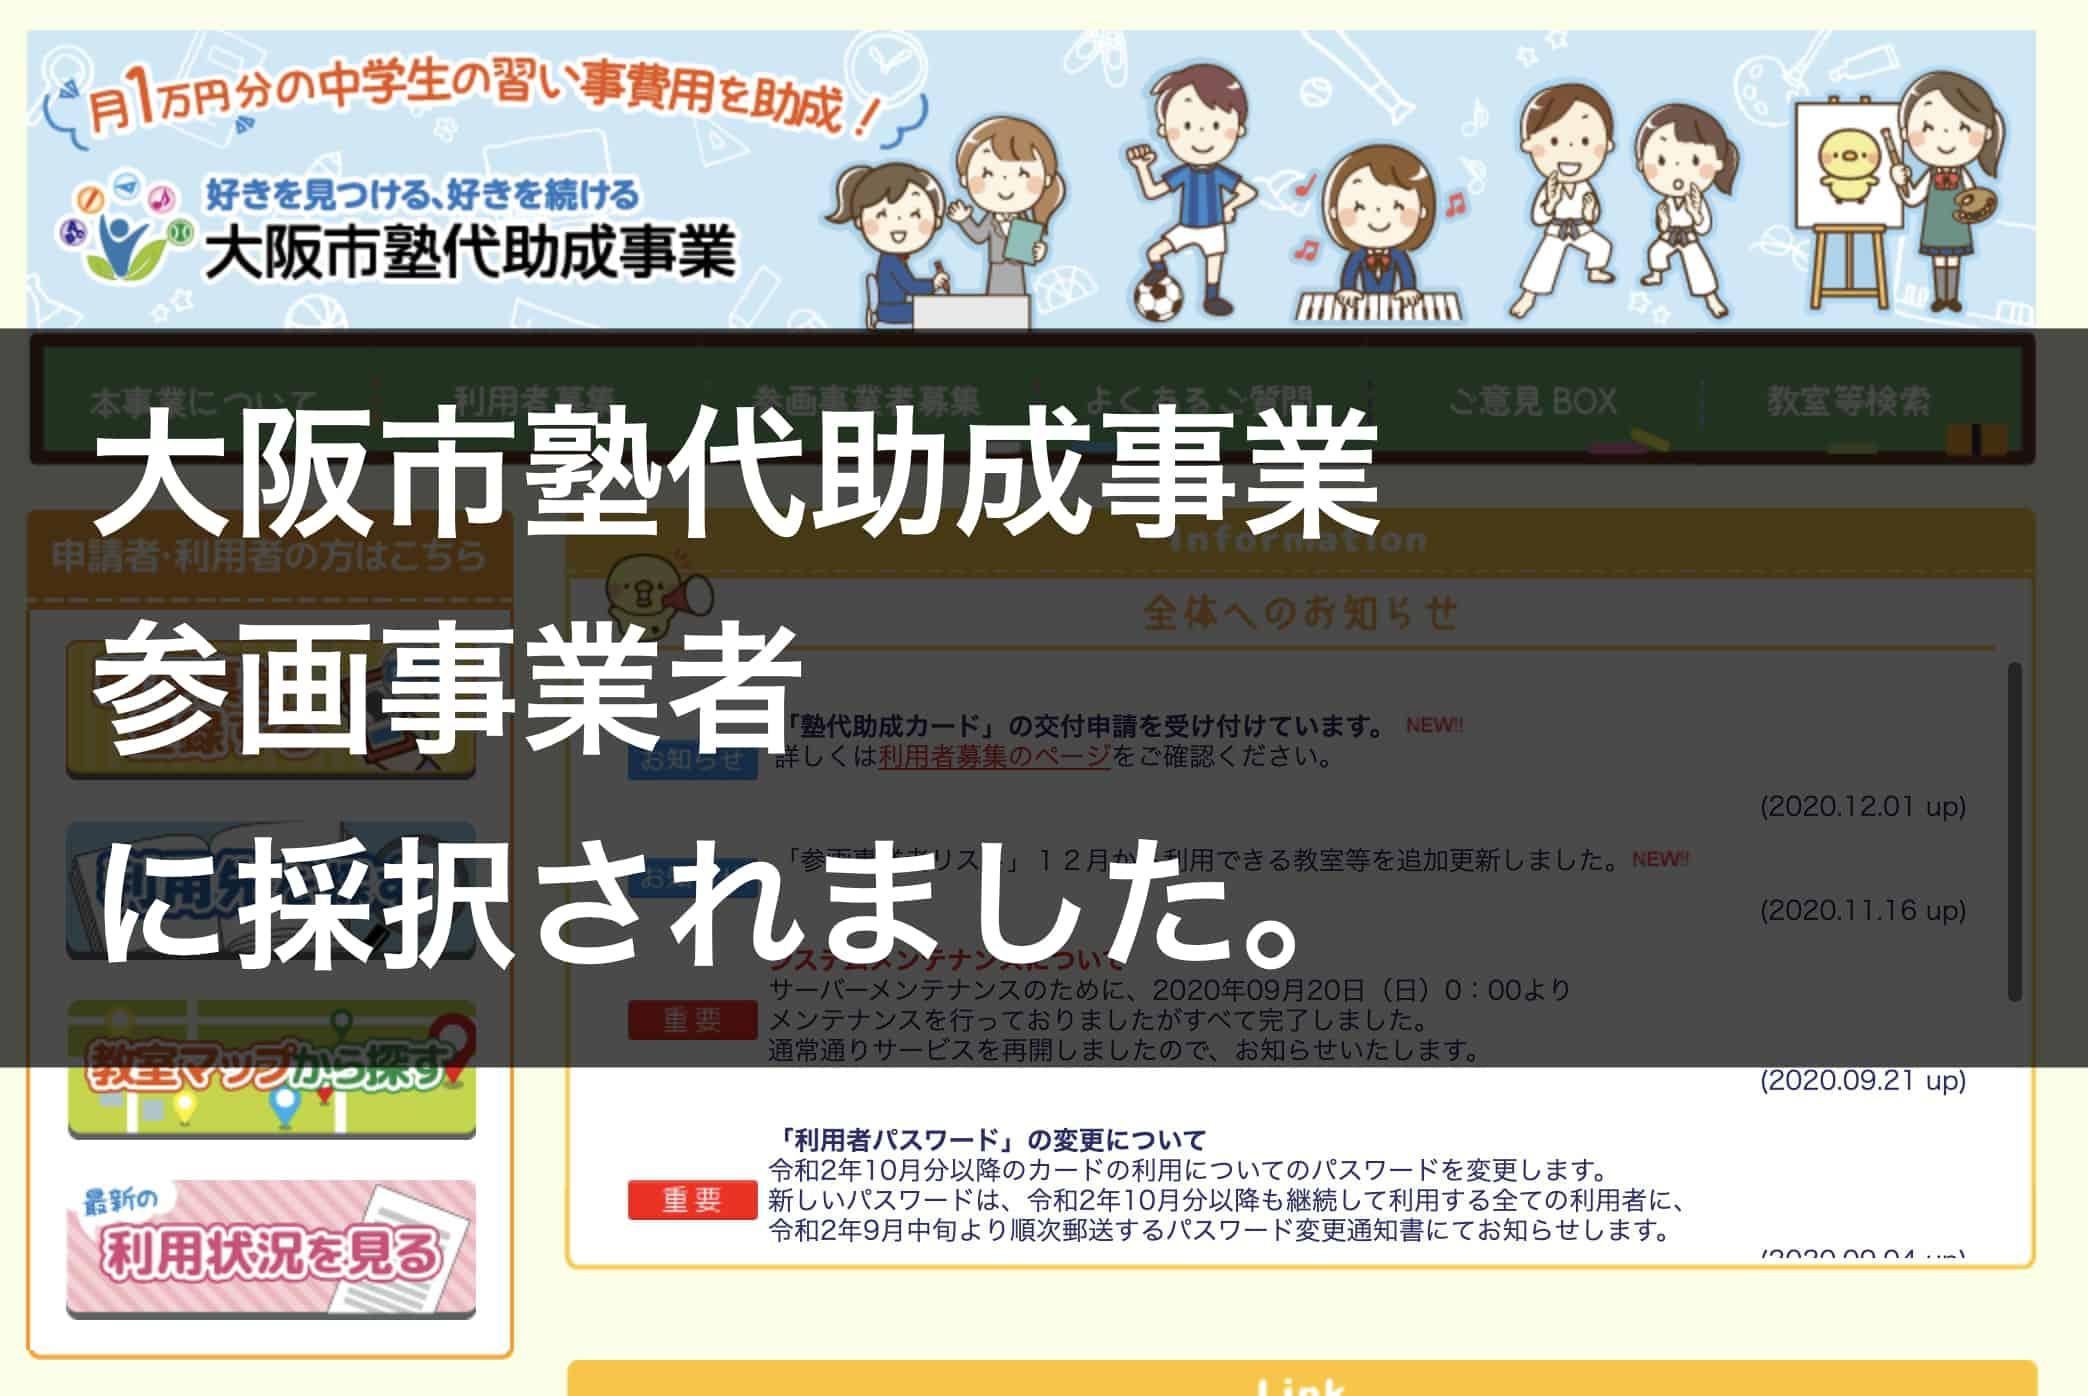 【大阪市の中学生は月3回無料】大阪市塾代助成事業参画事業者に採択されました。